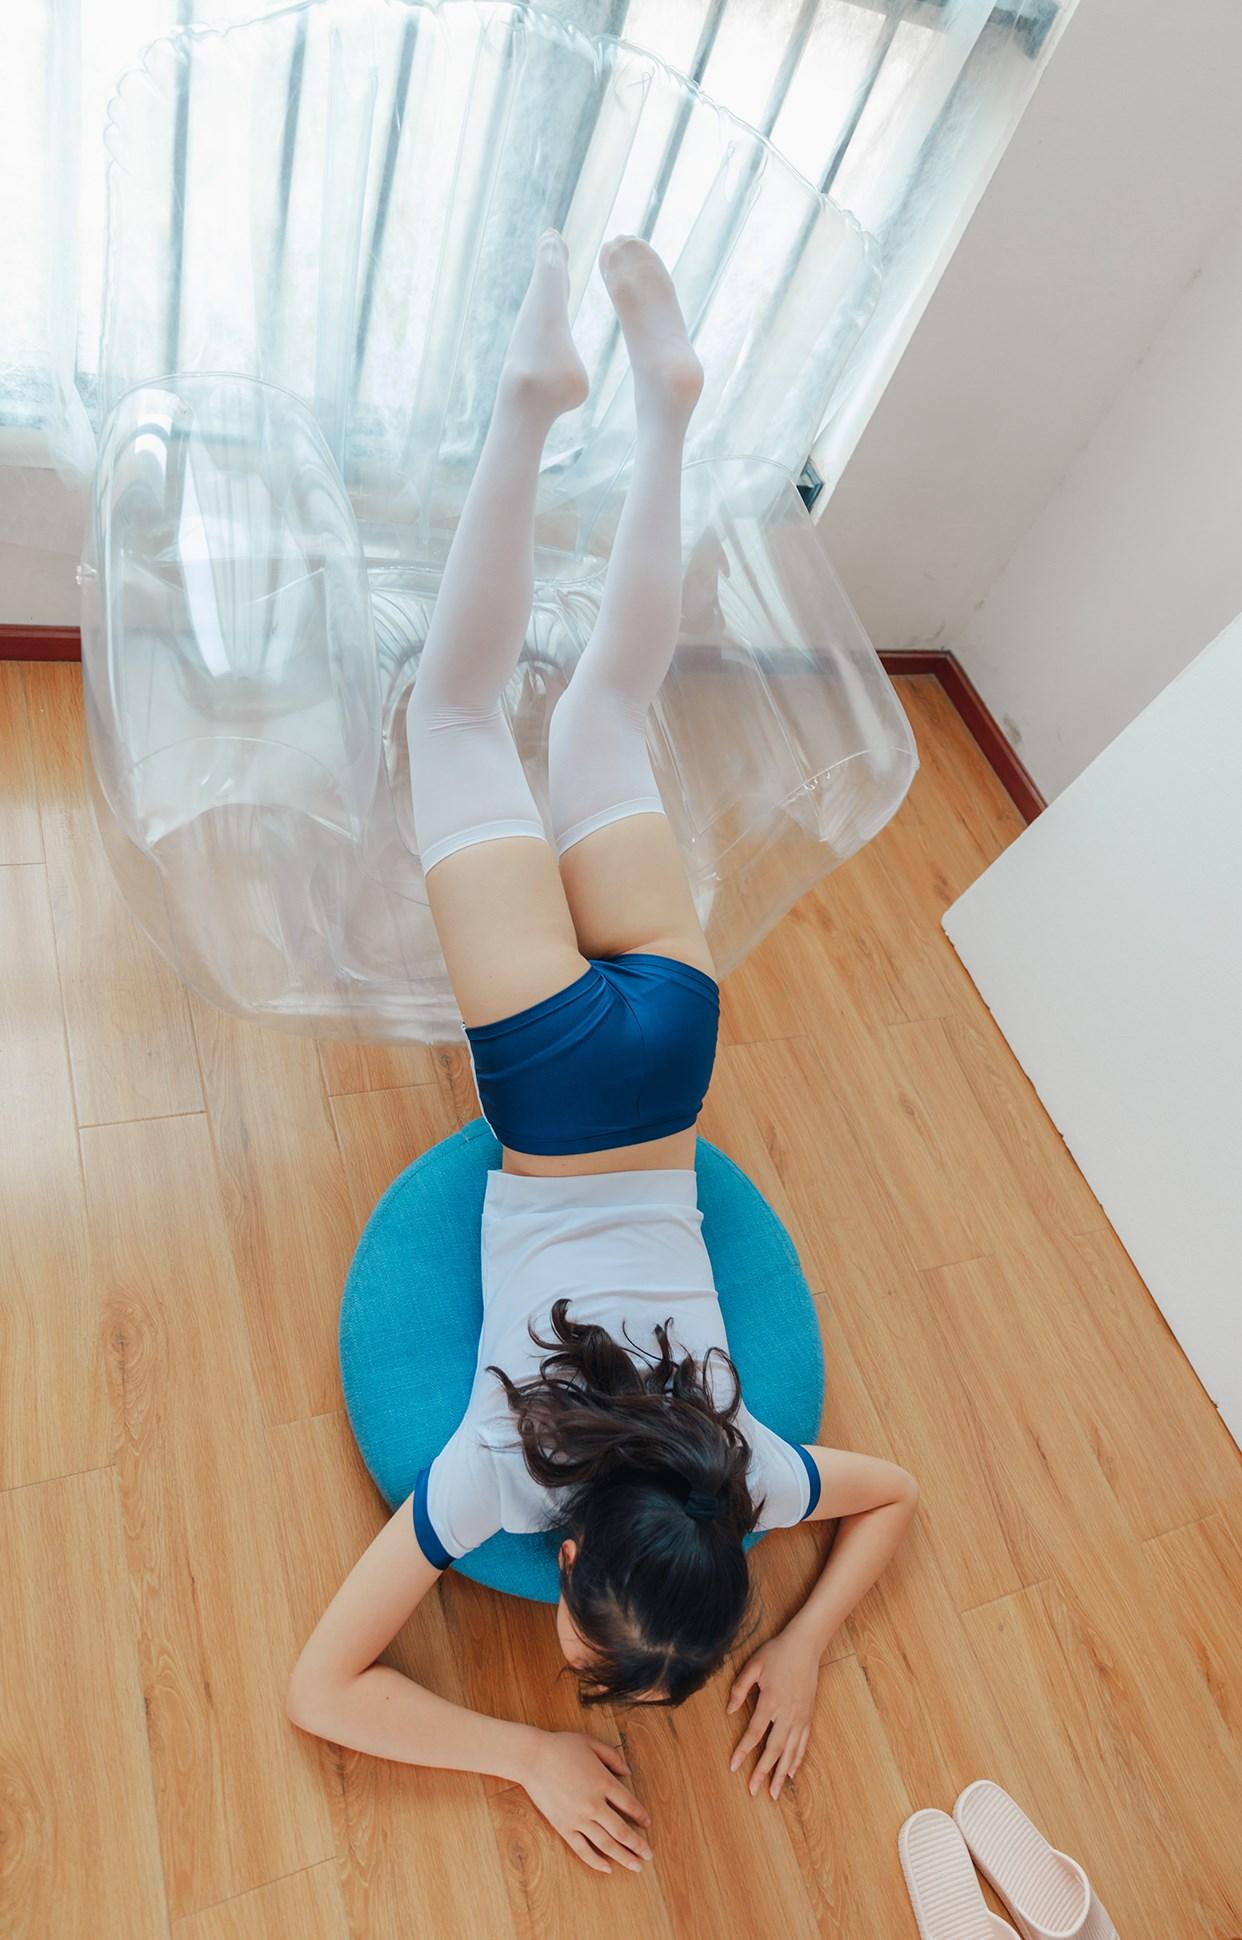 【兔玩映画】透明椅上的白丝! 兔玩映画 第24张